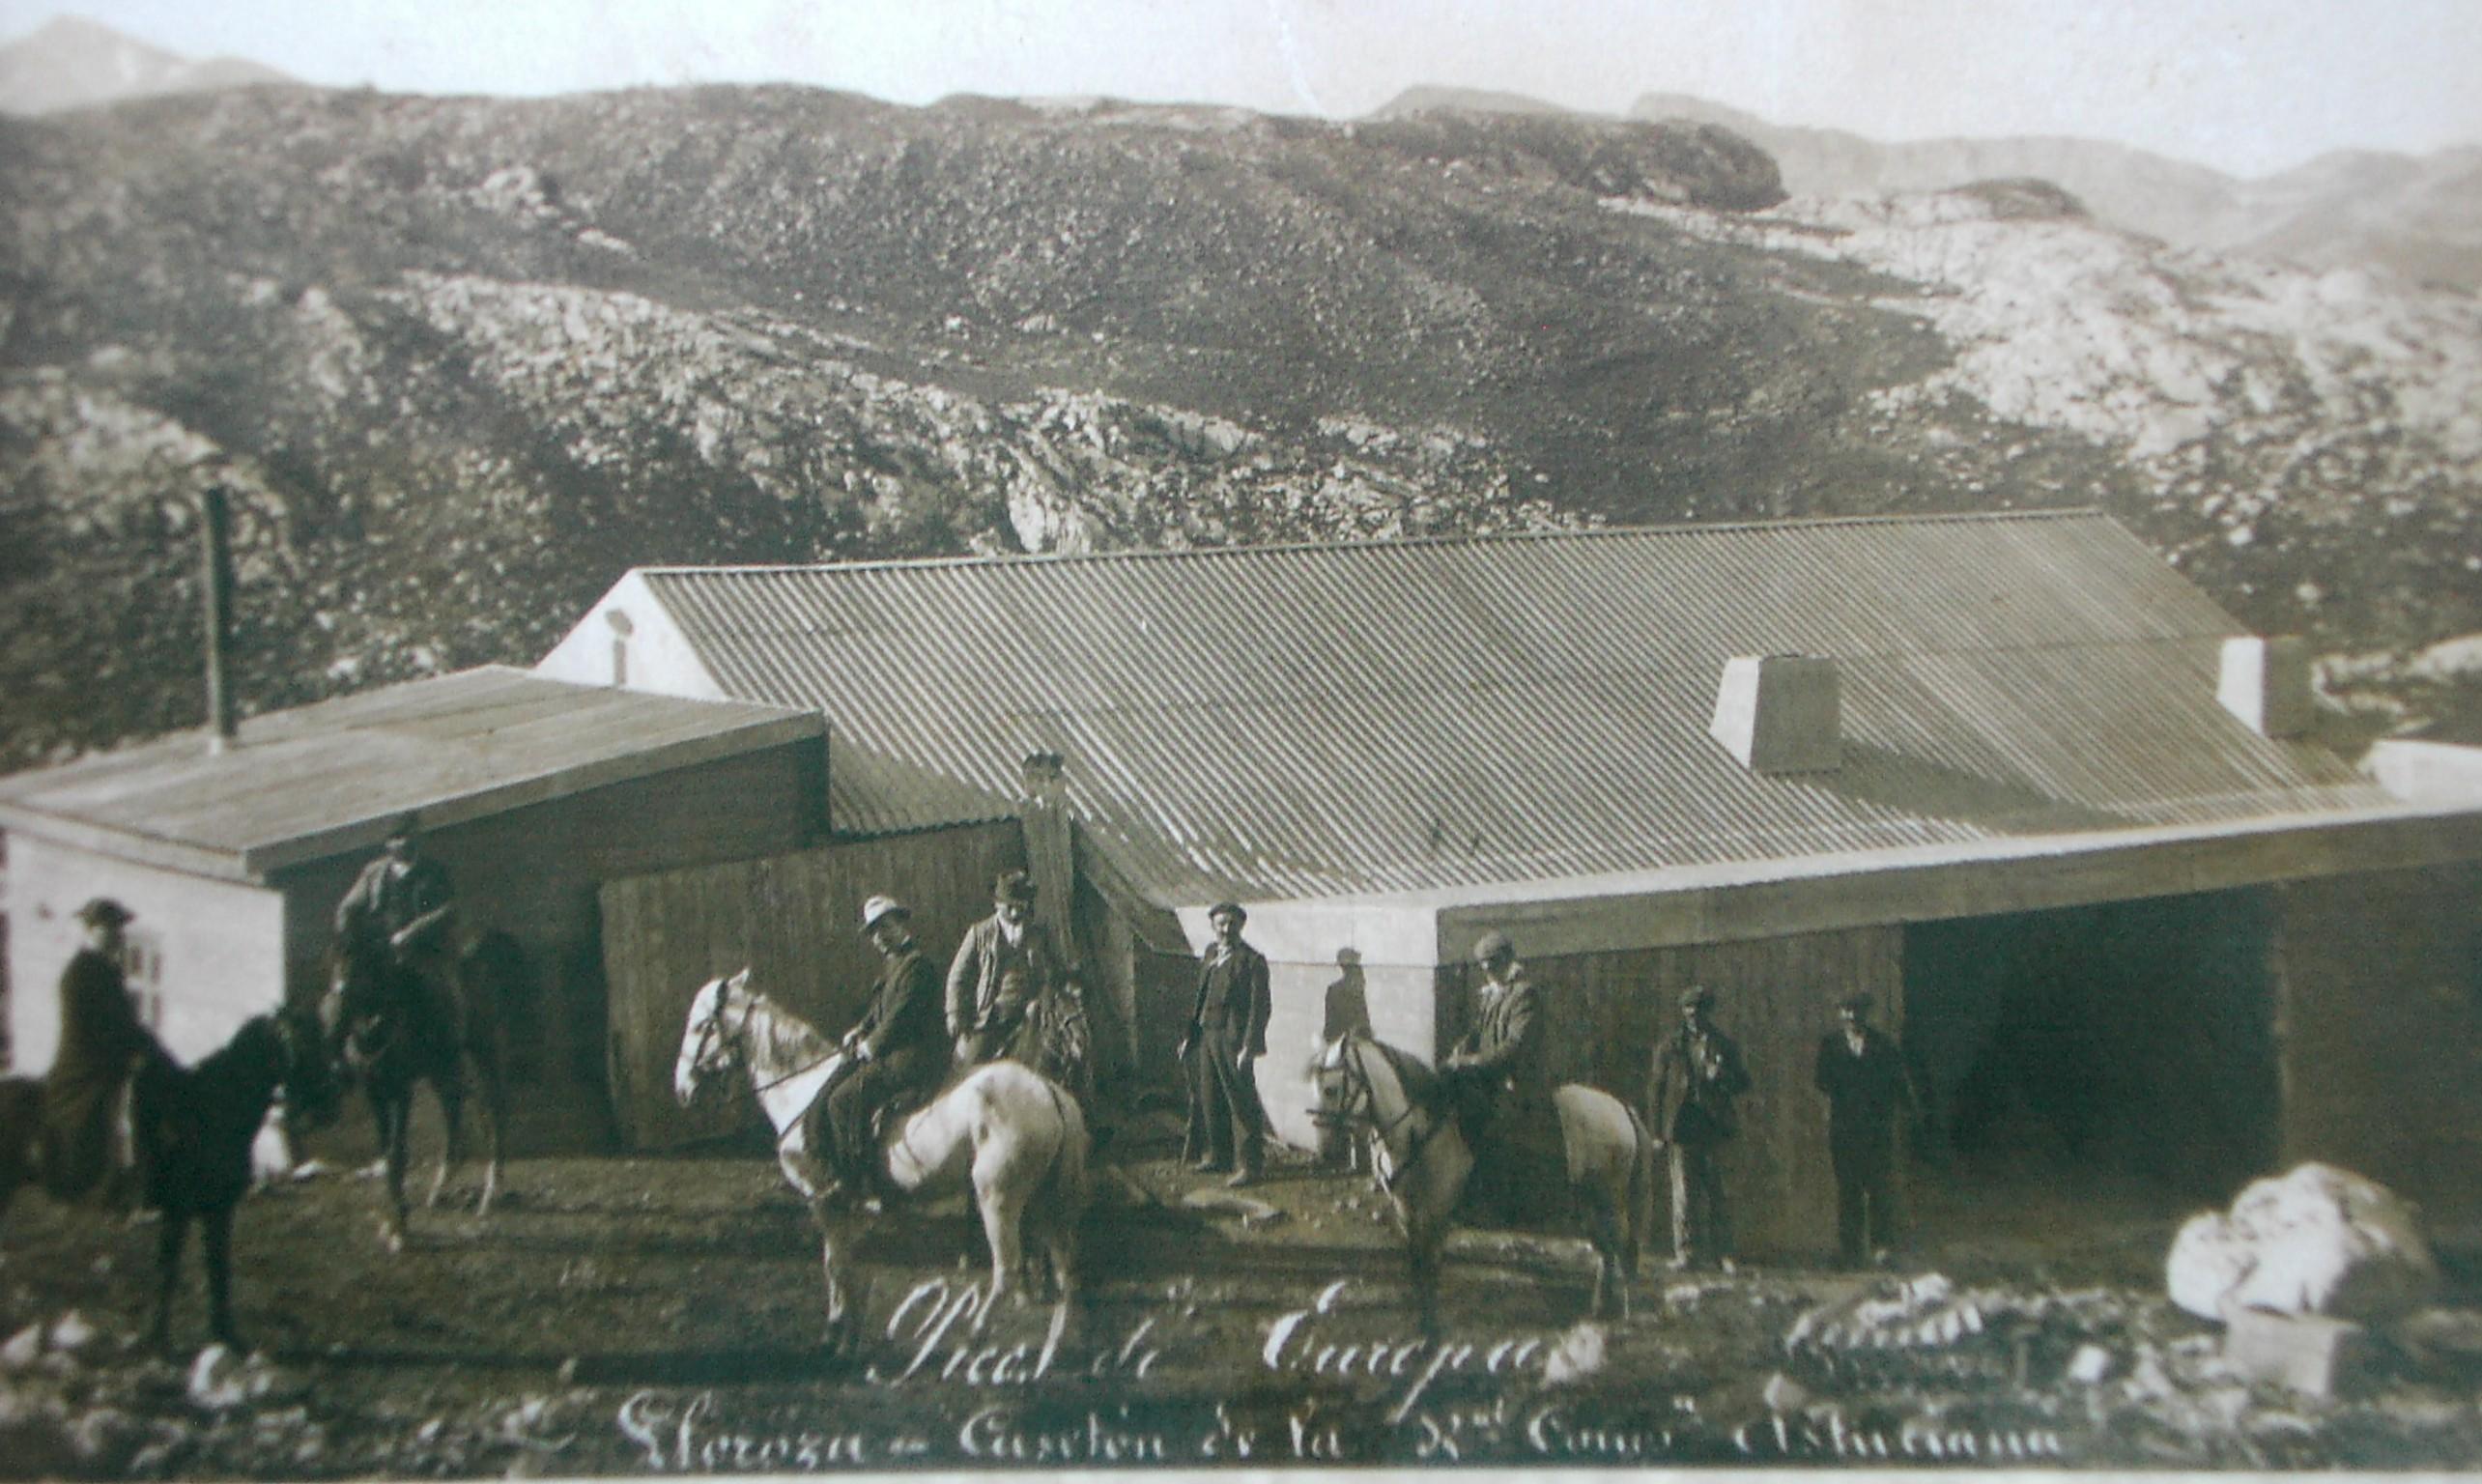 Casetón de las minas de Lloroza en los primeros años del siglo XX